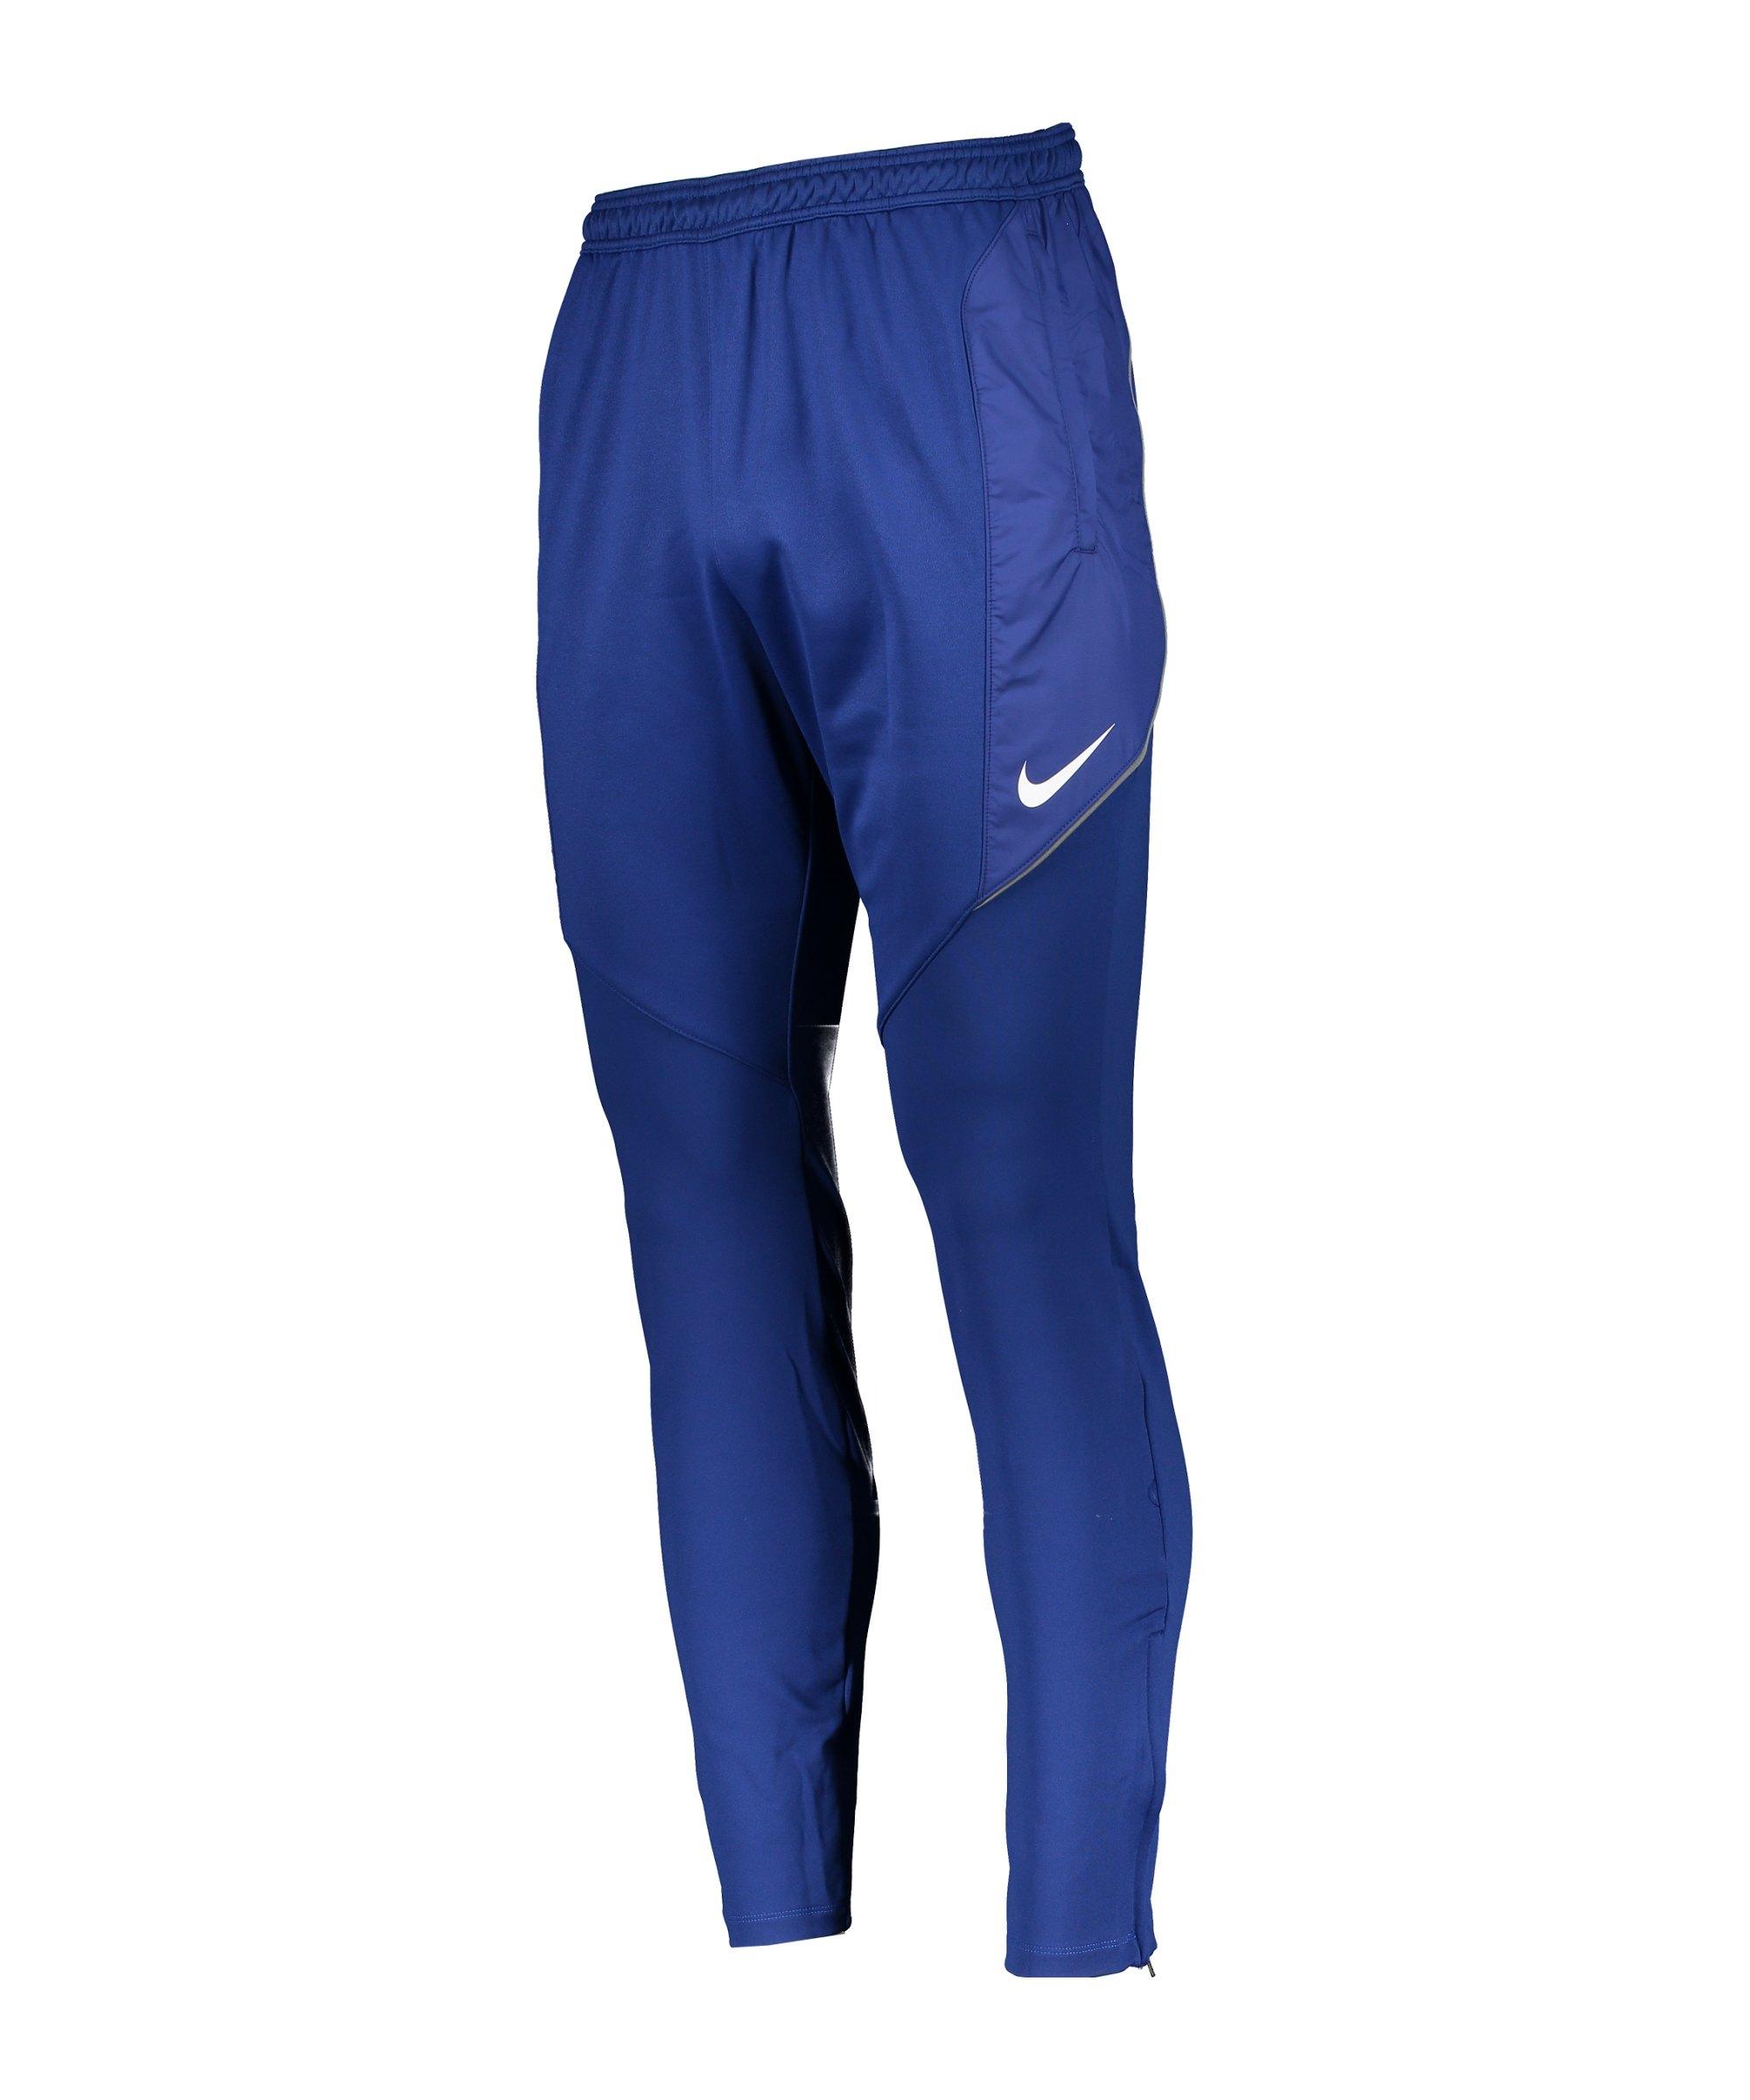 Nike Dry Strike Trainingshose Blau F455 - blau